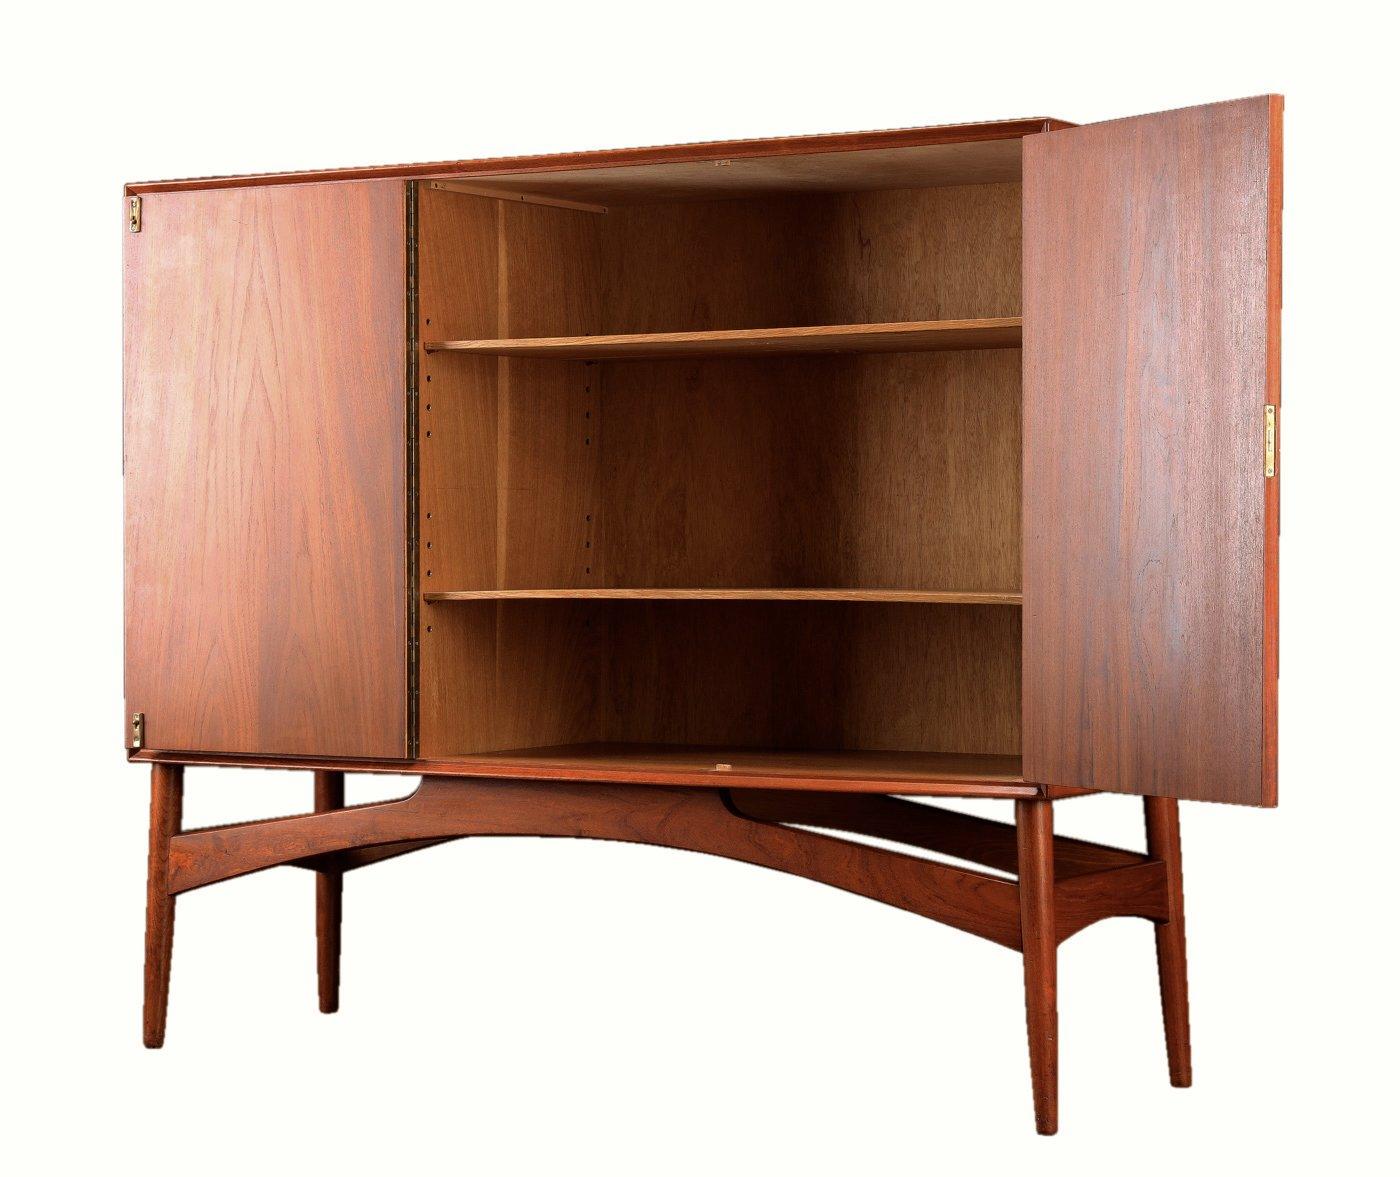 buffet en teck par borge seindal danemark 1960s en vente sur pamono. Black Bedroom Furniture Sets. Home Design Ideas